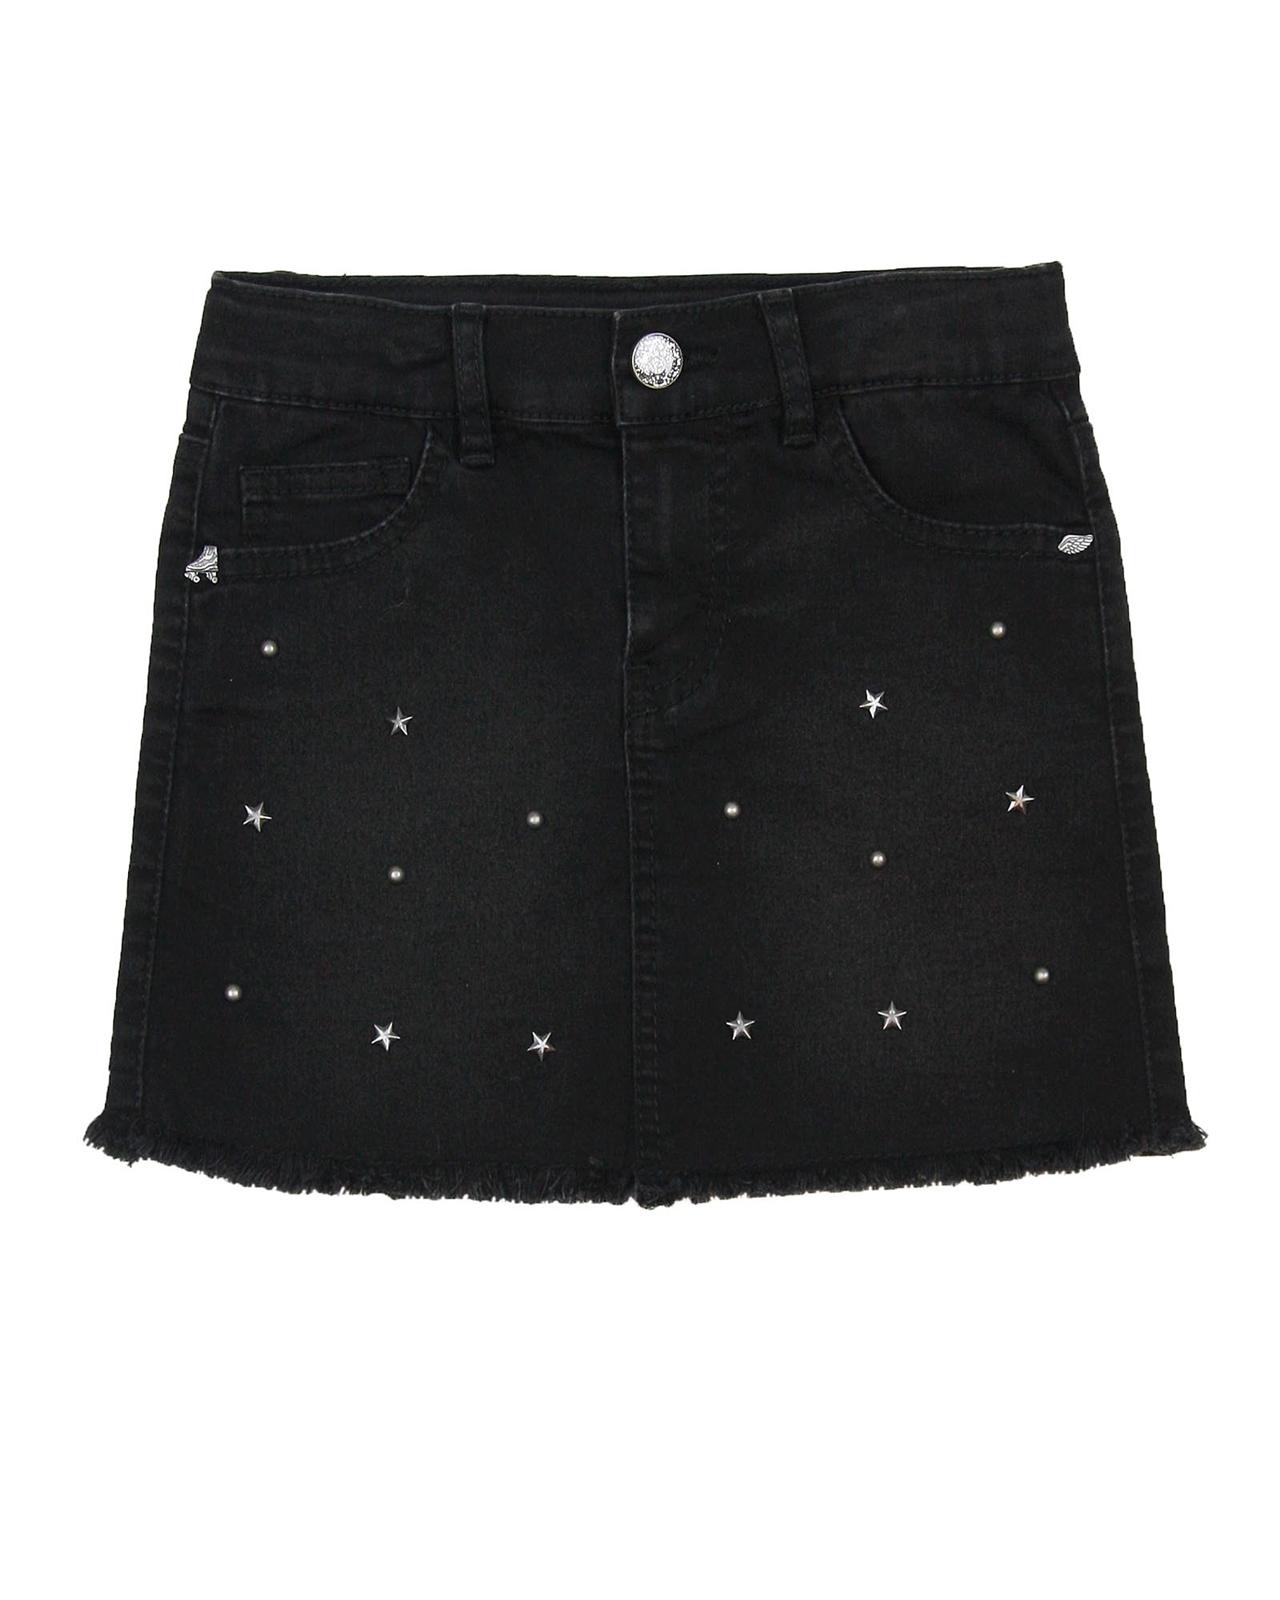 0a081b389 3Pommes Star Studded Denim Skirt - 3Pommes - 3Pommes Fall Winter ...